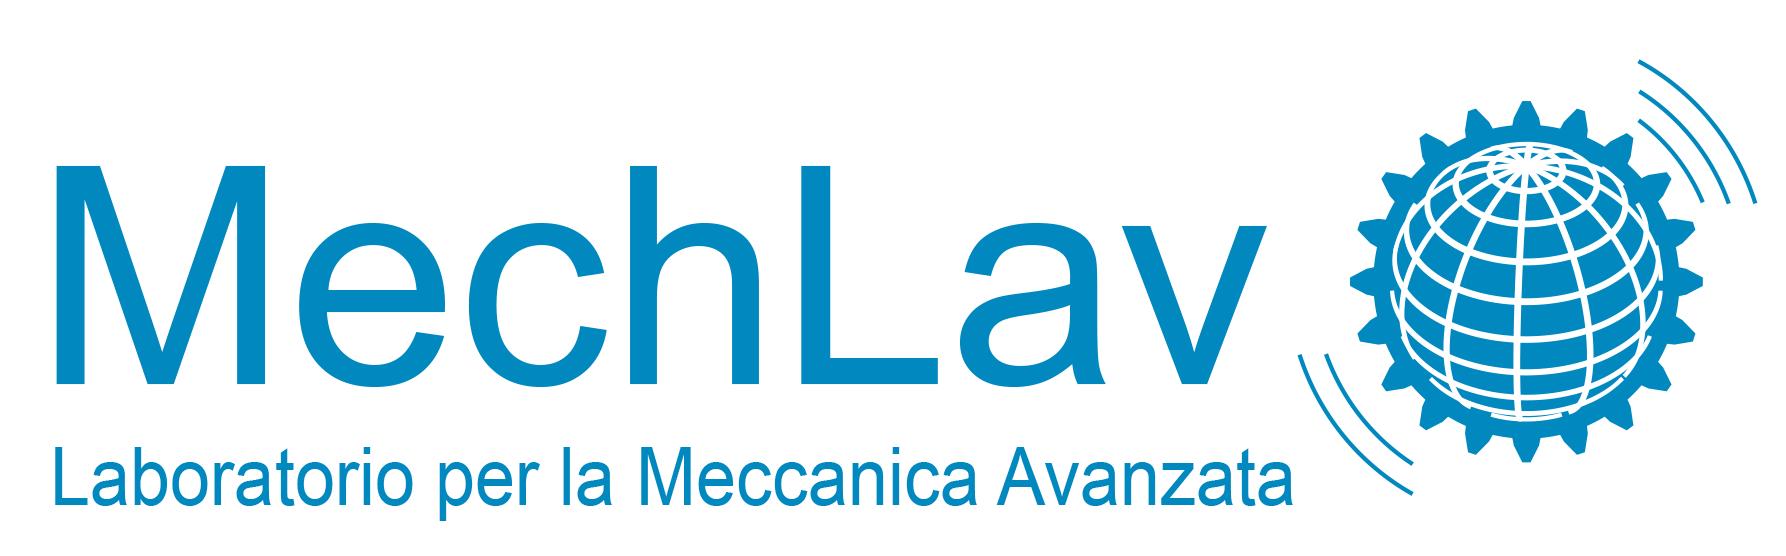 Mechlav - Tecnopolo dell'Università di Ferrara